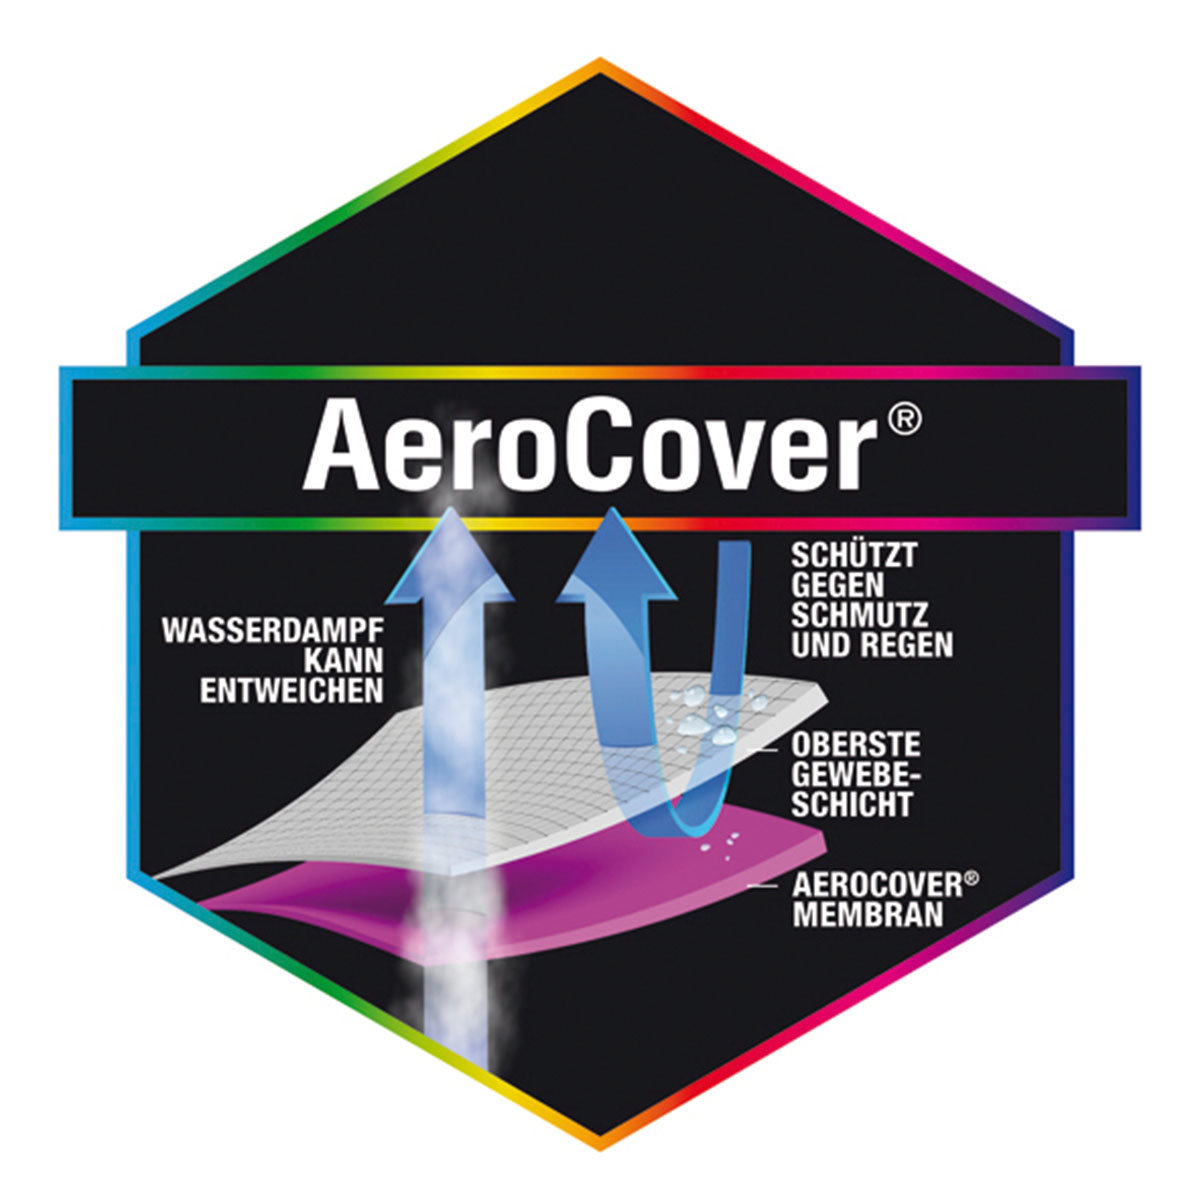 Schutzhülle AeroCover für Bänke, 130 cm | #5